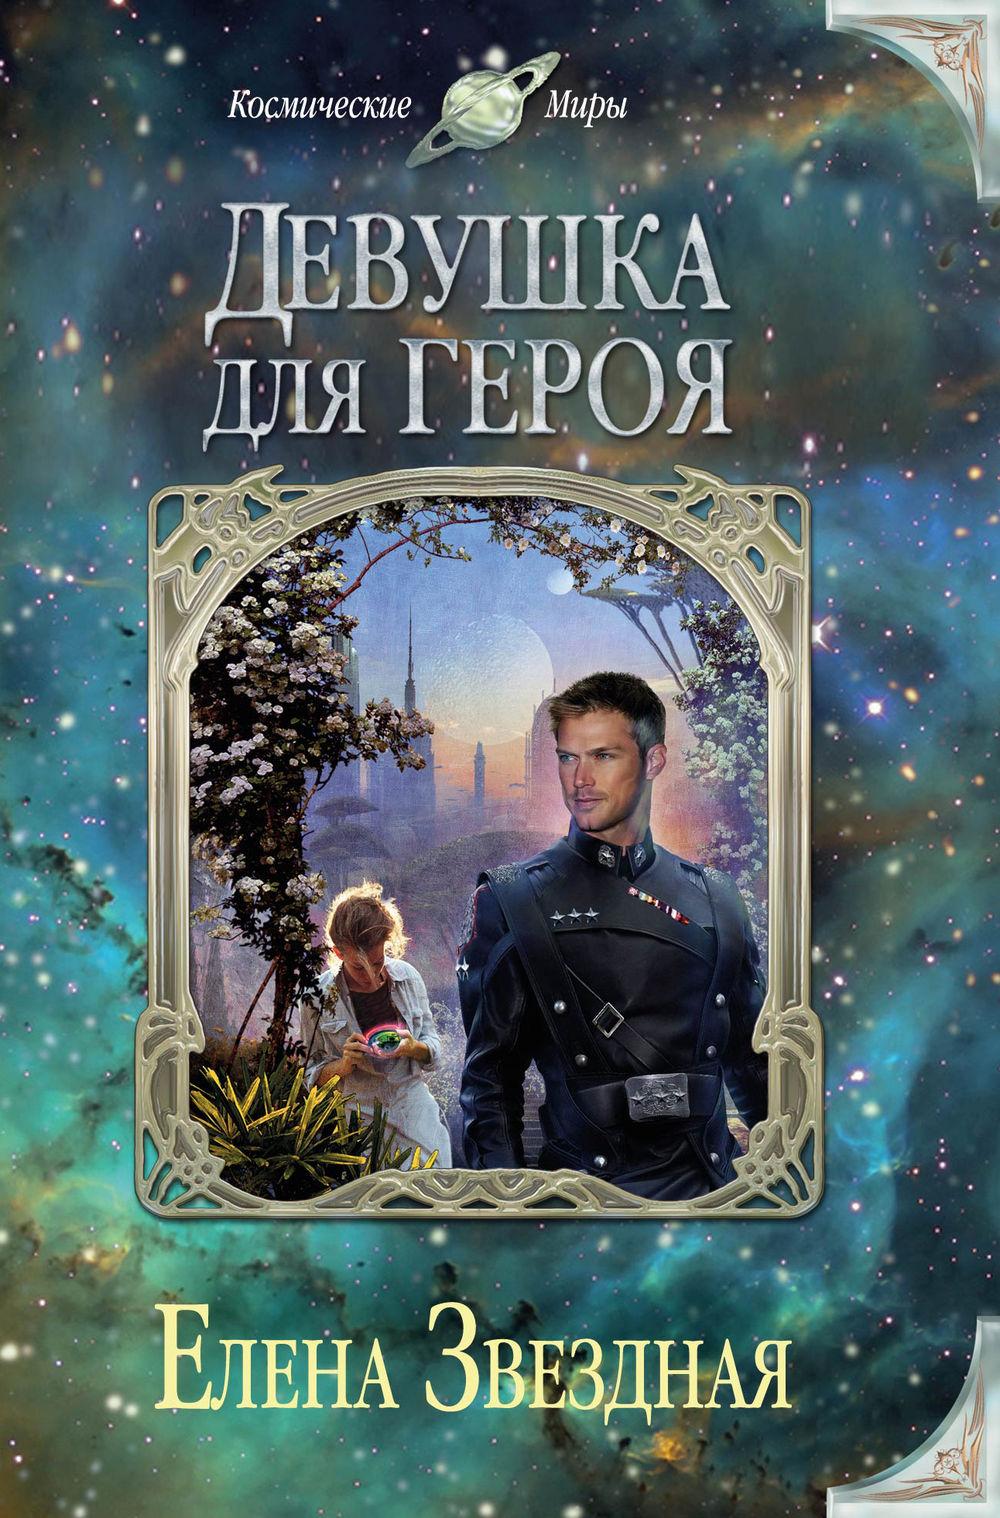 Купить Девушка для героя, Елена Звездная, 978-5-699-90225-5